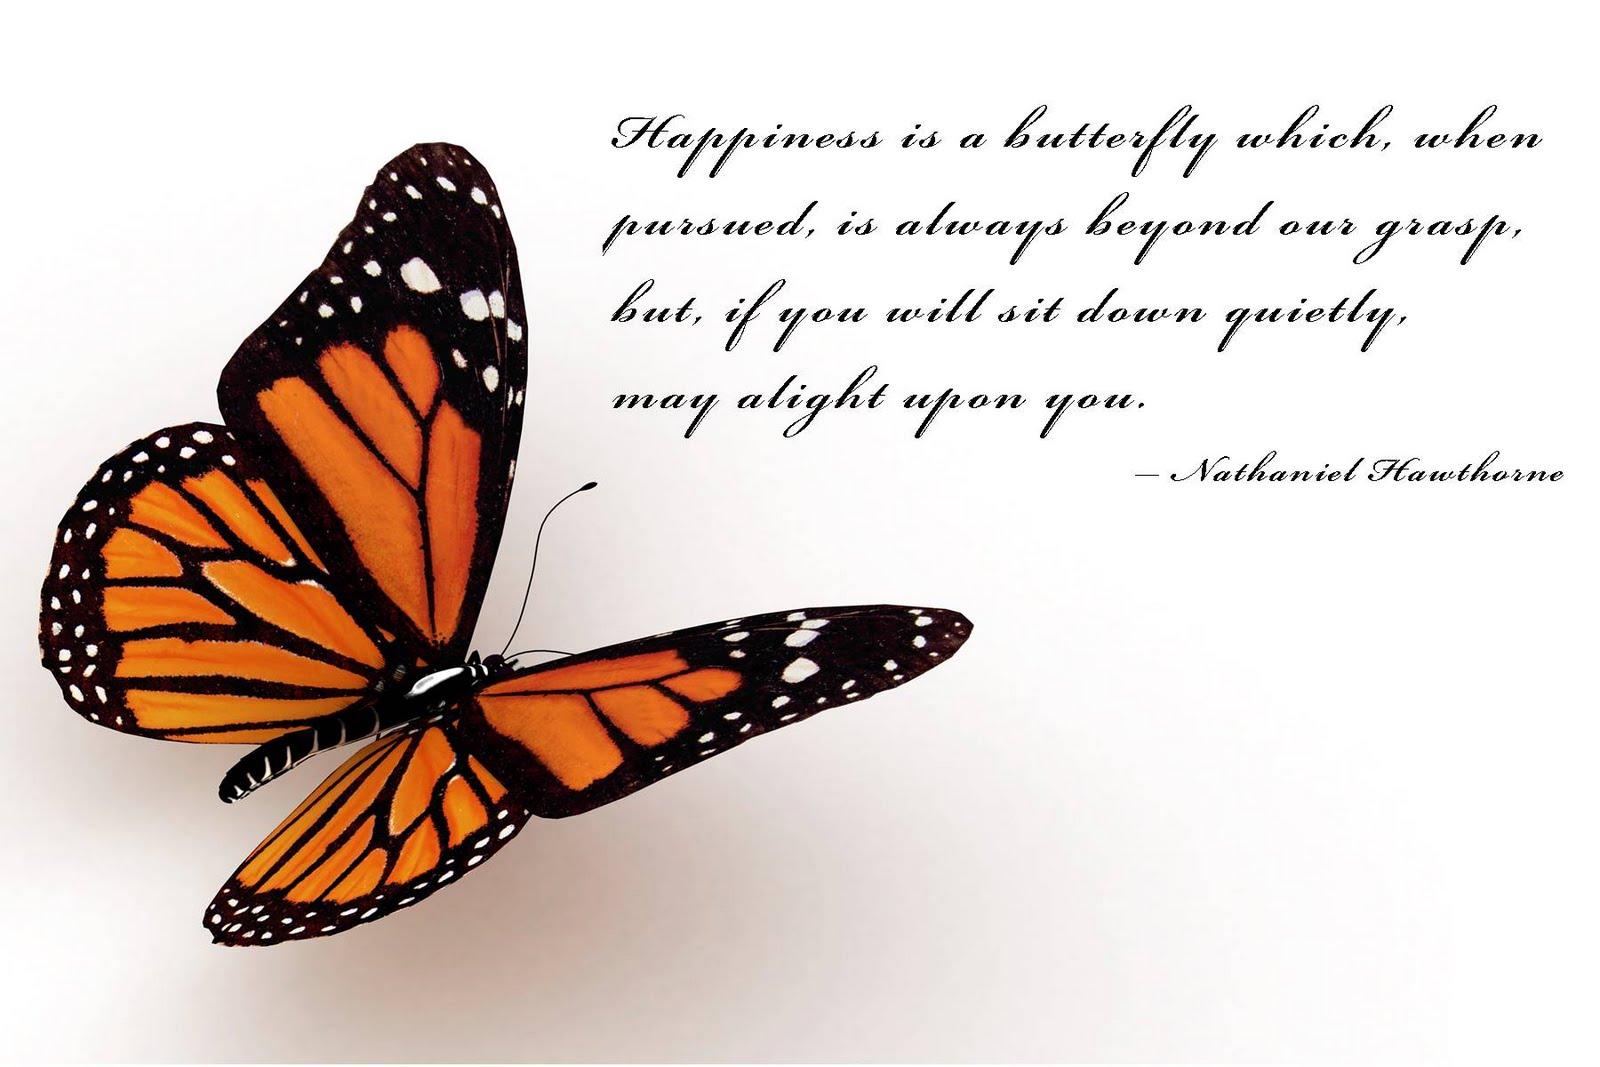 http://1.bp.blogspot.com/-cC7Nyt7tFzg/TW6I10jJvPI/AAAAAAAAAC8/ZjiPO4Y8YW8/s1600/butterfly+happiness.jpg